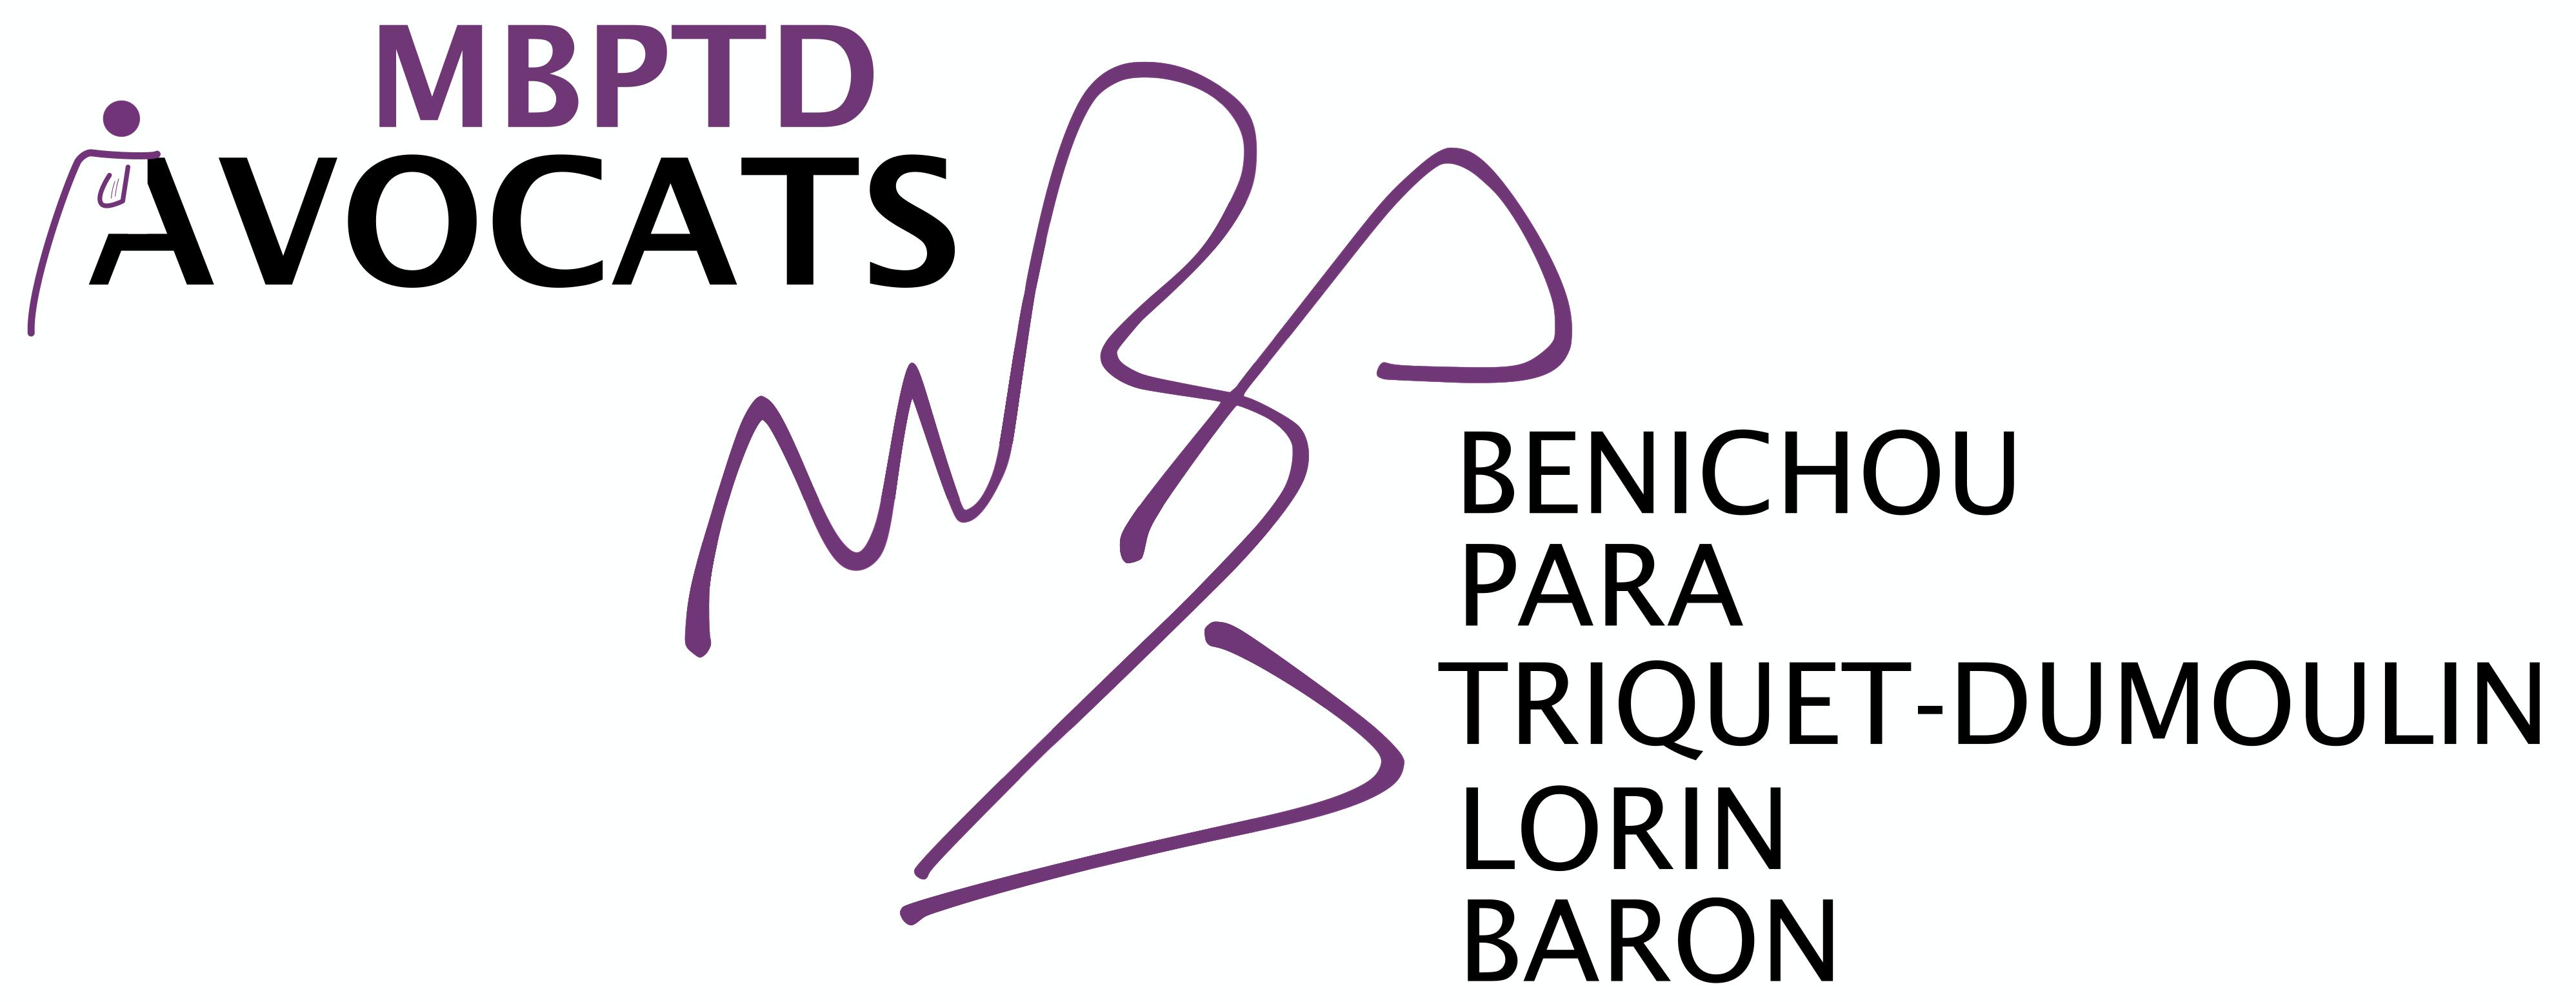 Le Blog du cabinet d'avocats MBPTD